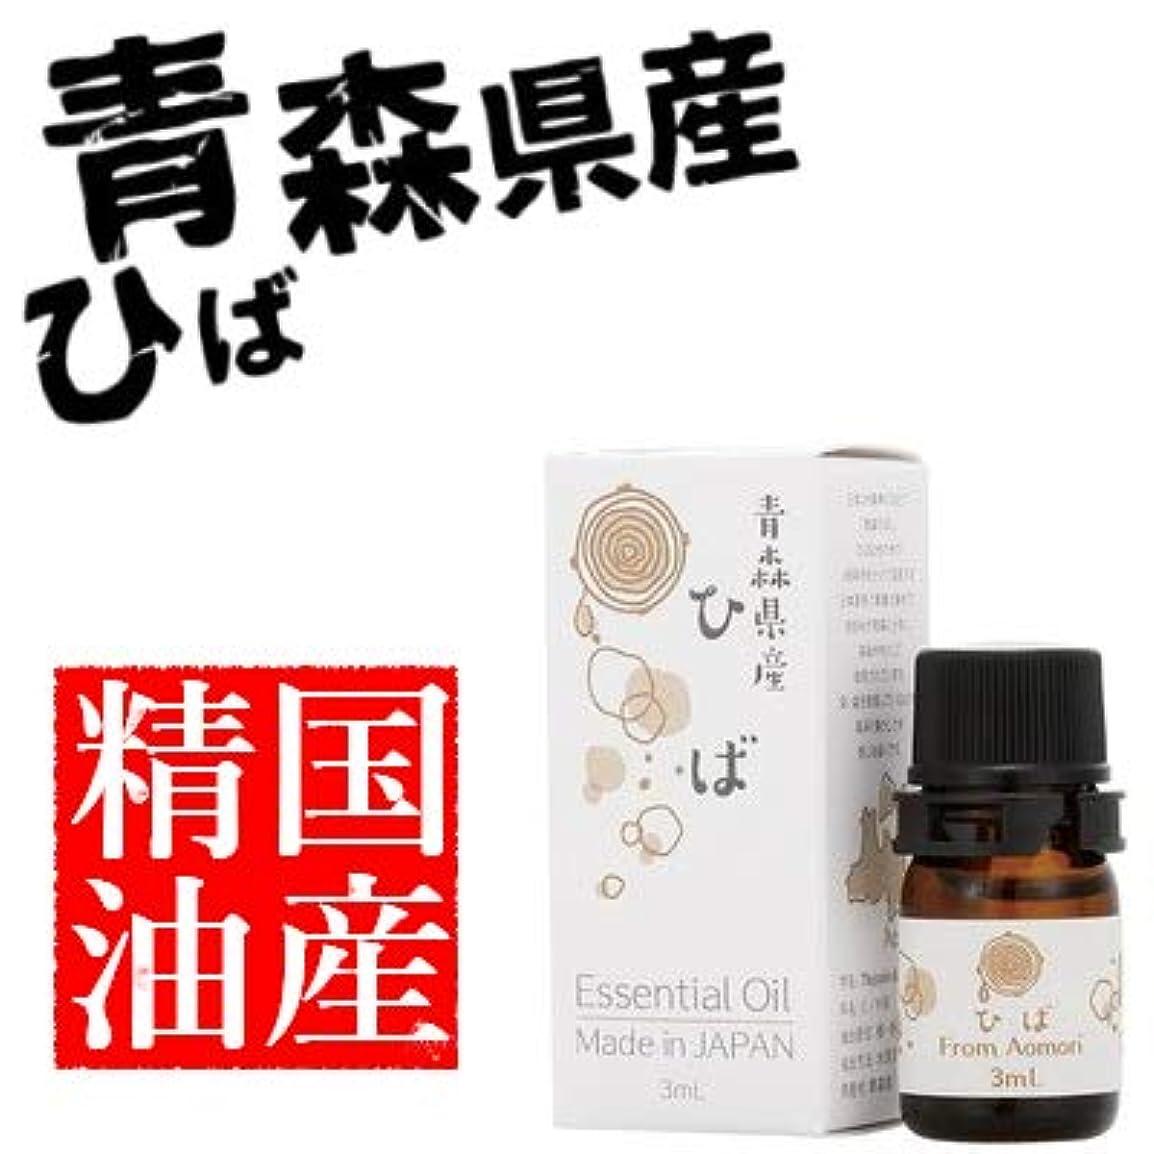 生きている削除する用心する日本の香りシリーズ エッセンシャルオイル 国産精油 (ひば)